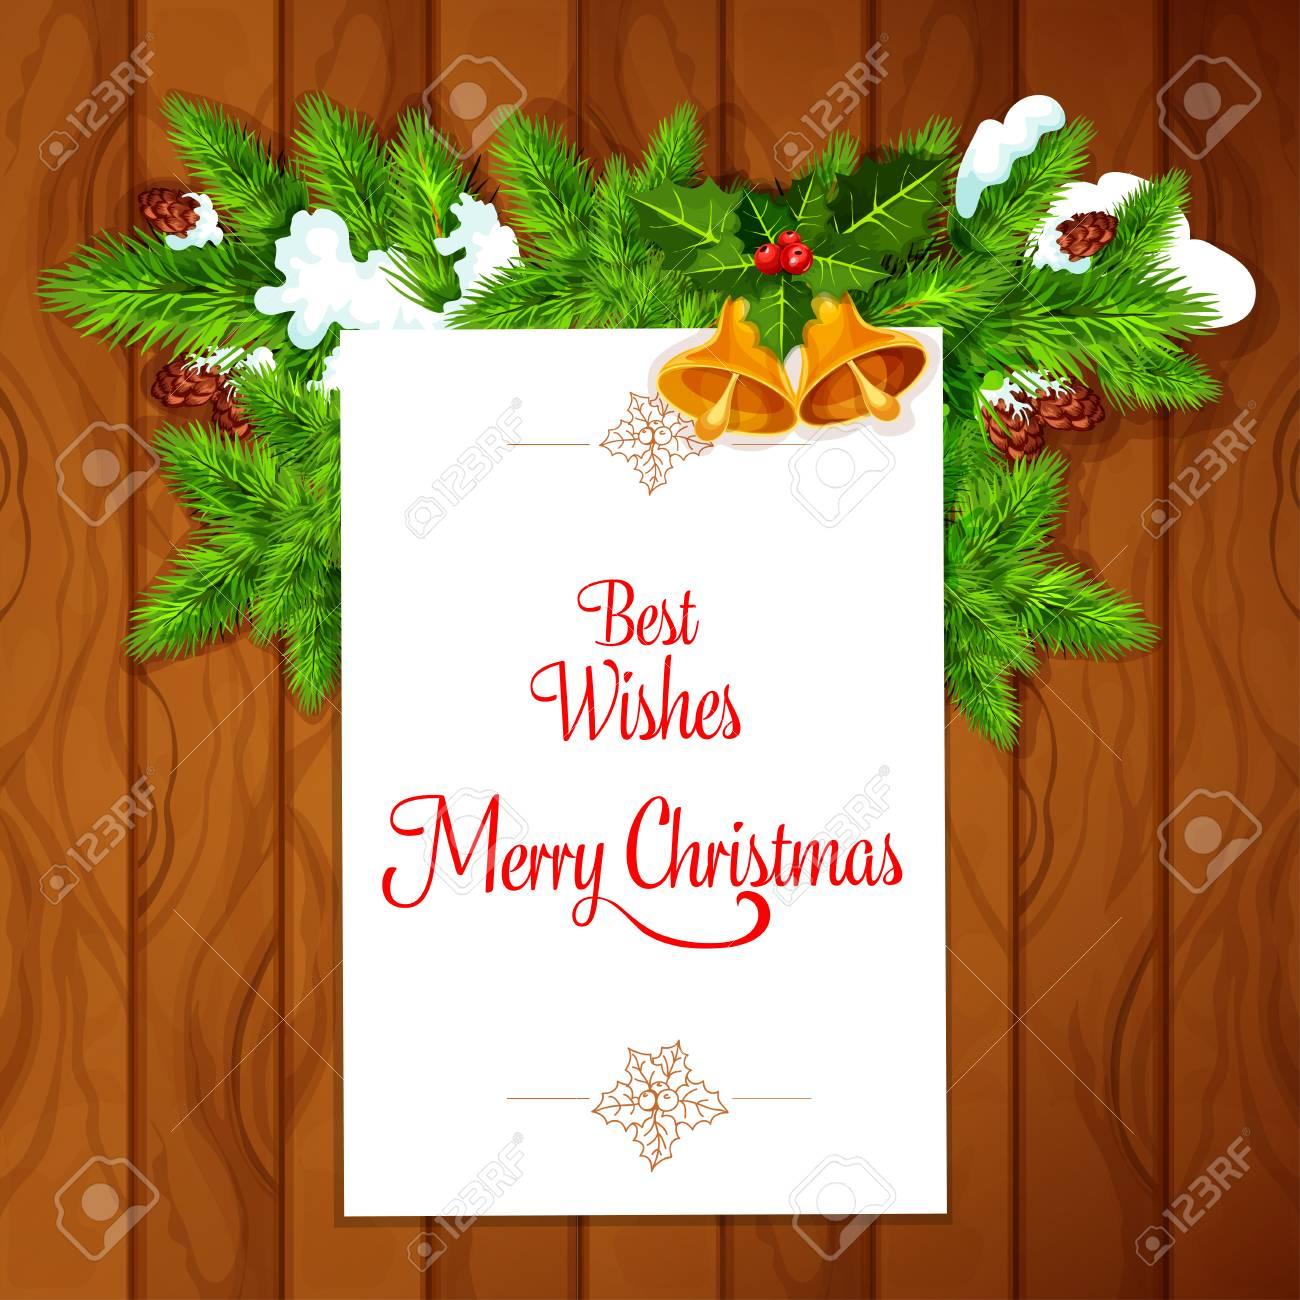 Weihnachtsgrußkarte Auf Dem Hölzernen Hintergrund, überstiegen Mit ...